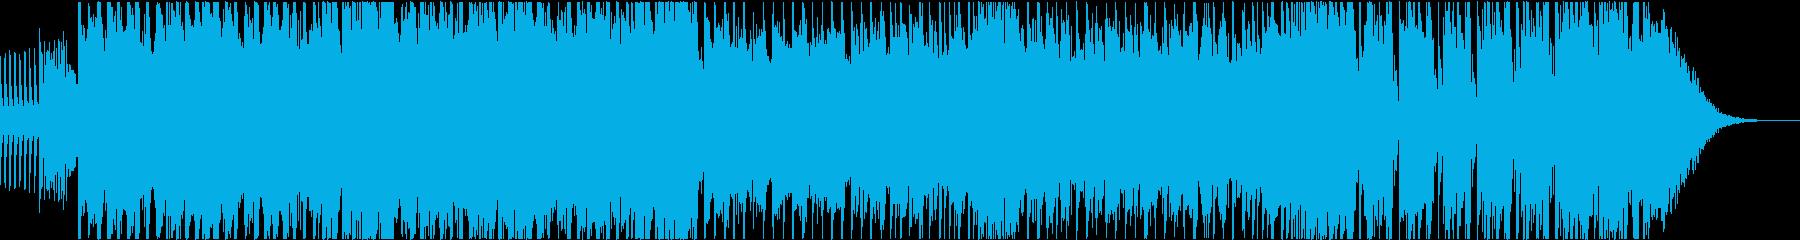 ダブステップ アクション スピードEDMの再生済みの波形